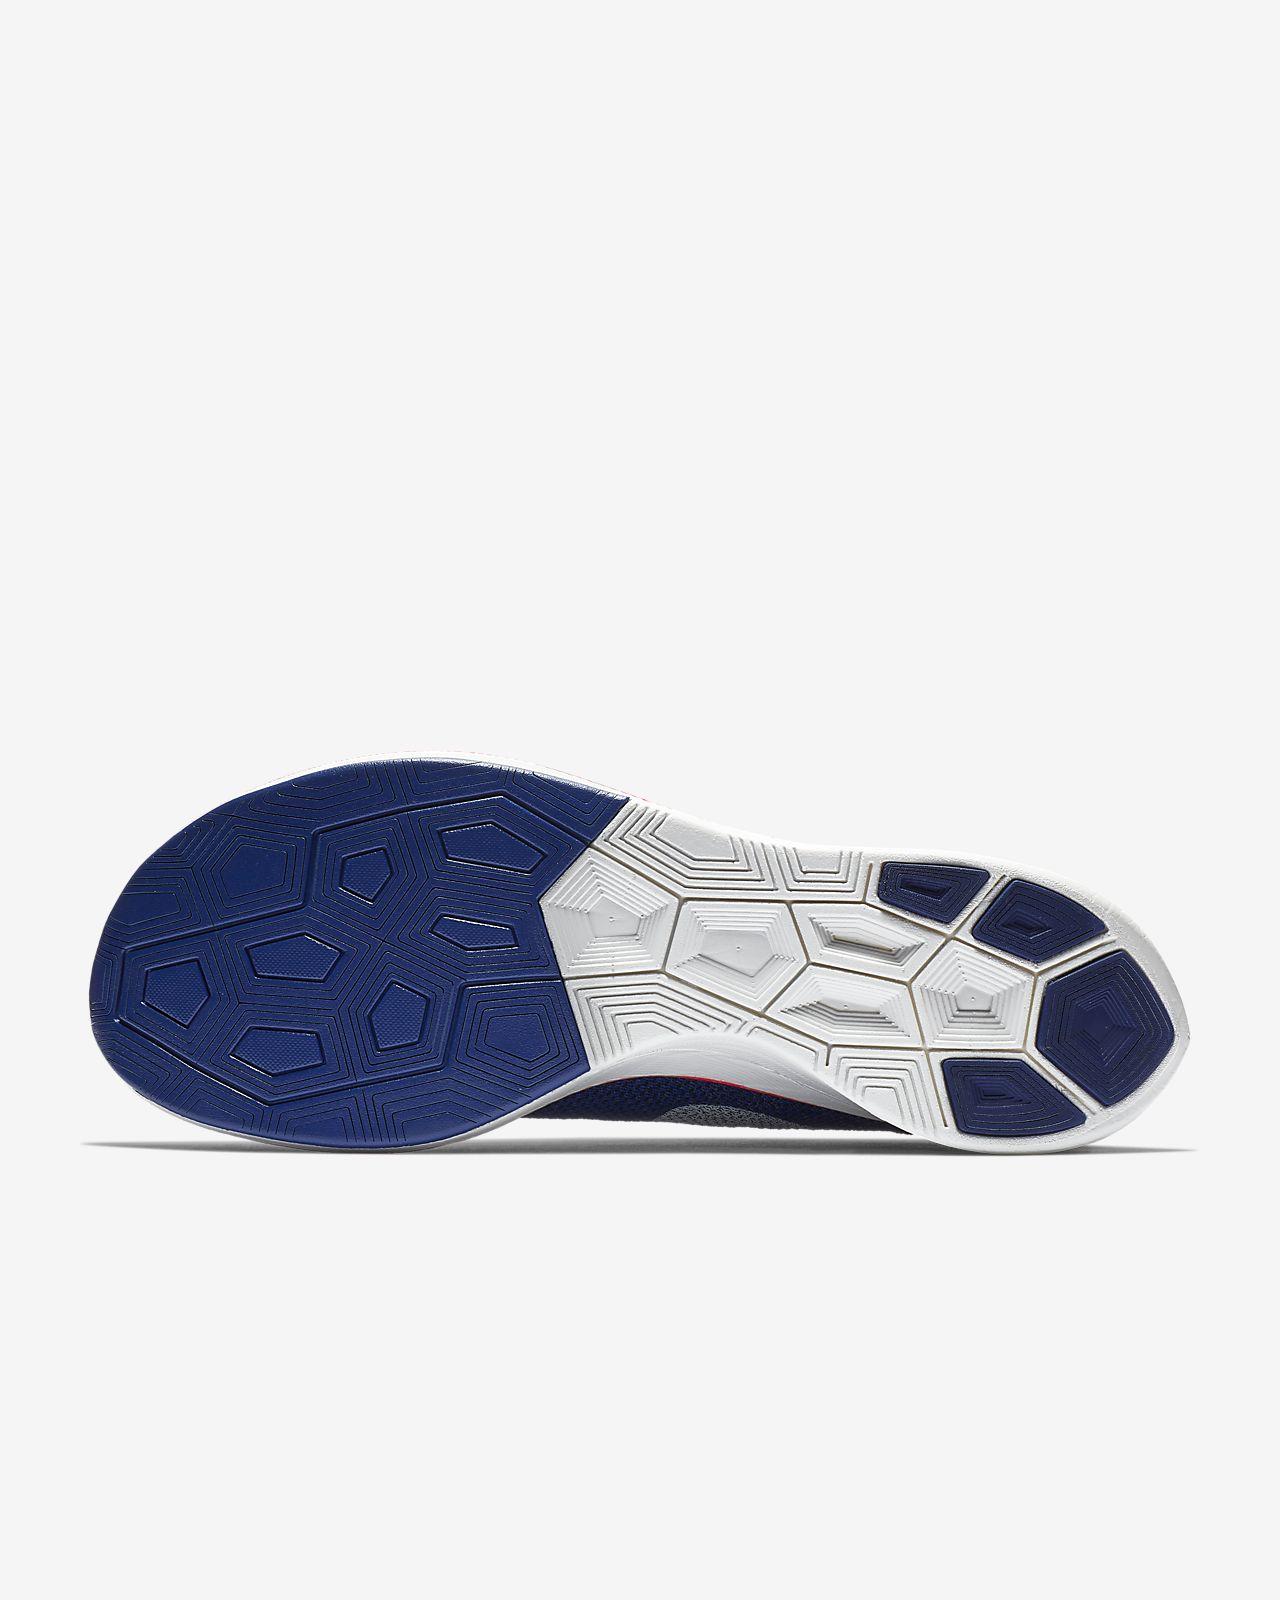 3e33605b6496 Nike Vaporfly 4% Flyknit Running Shoe. Nike.com FI